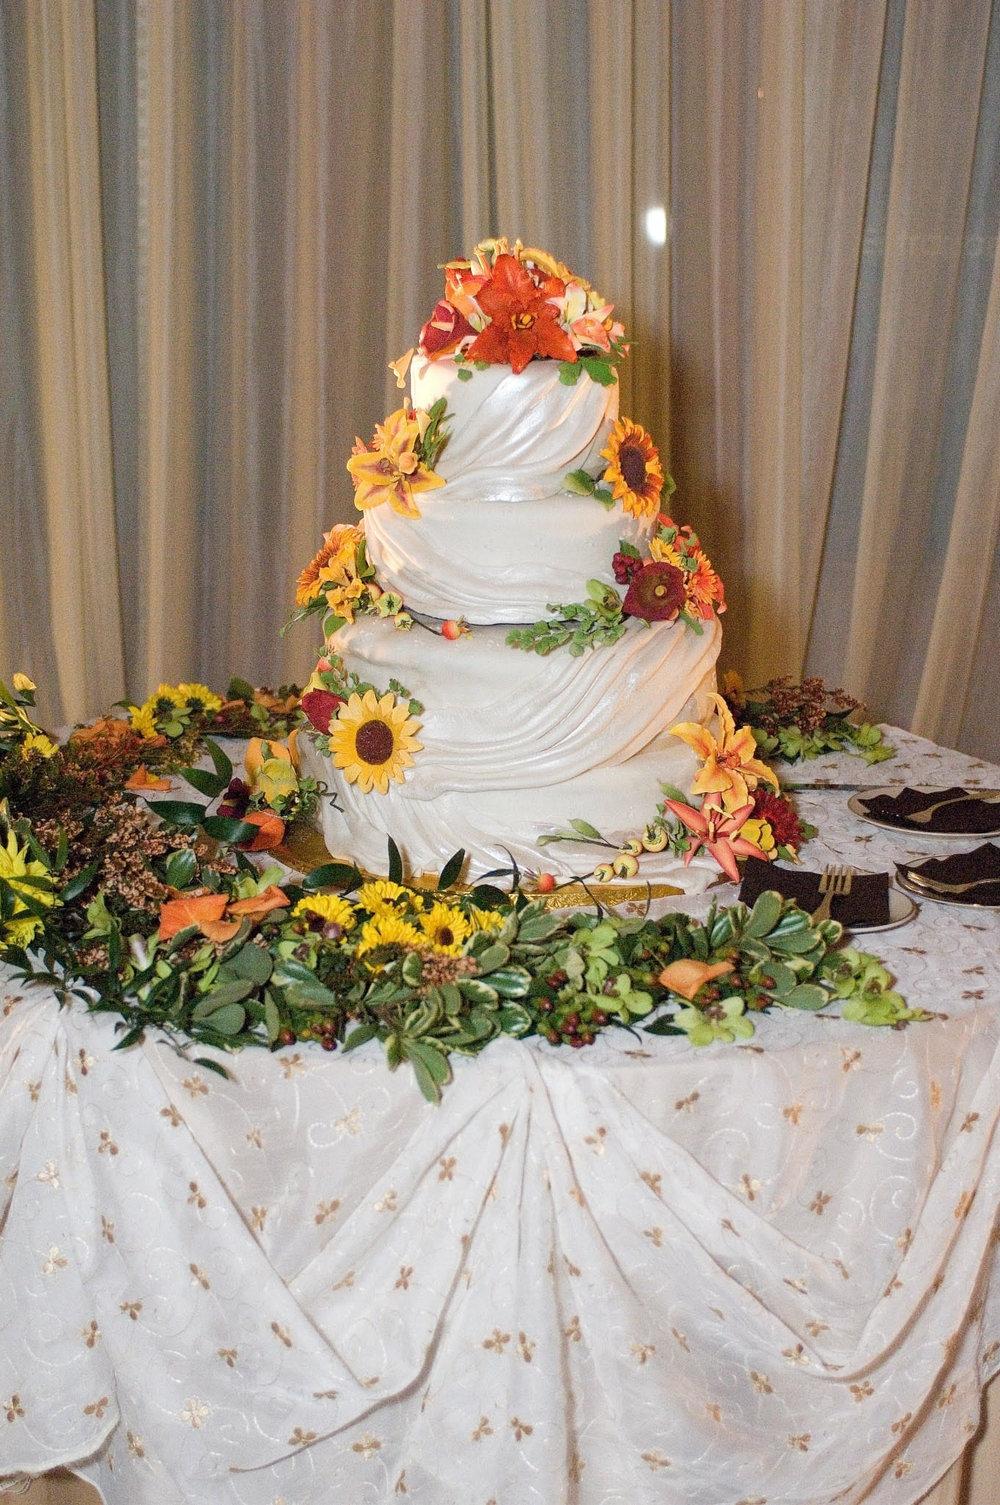 pa-wedding-cakes-51.jpg